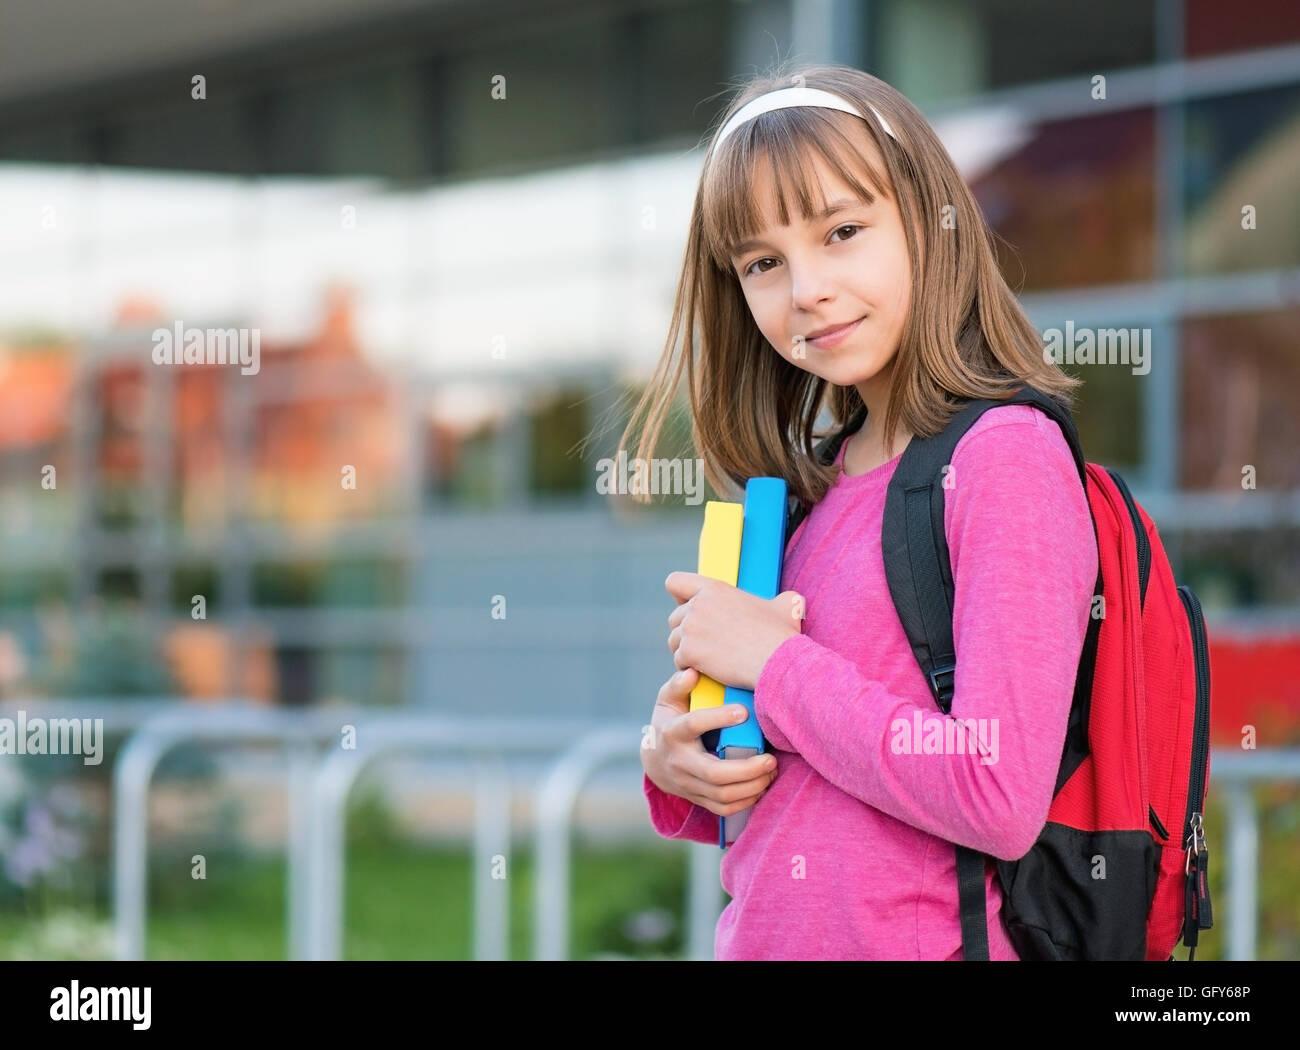 Girl back to school - Stock Image